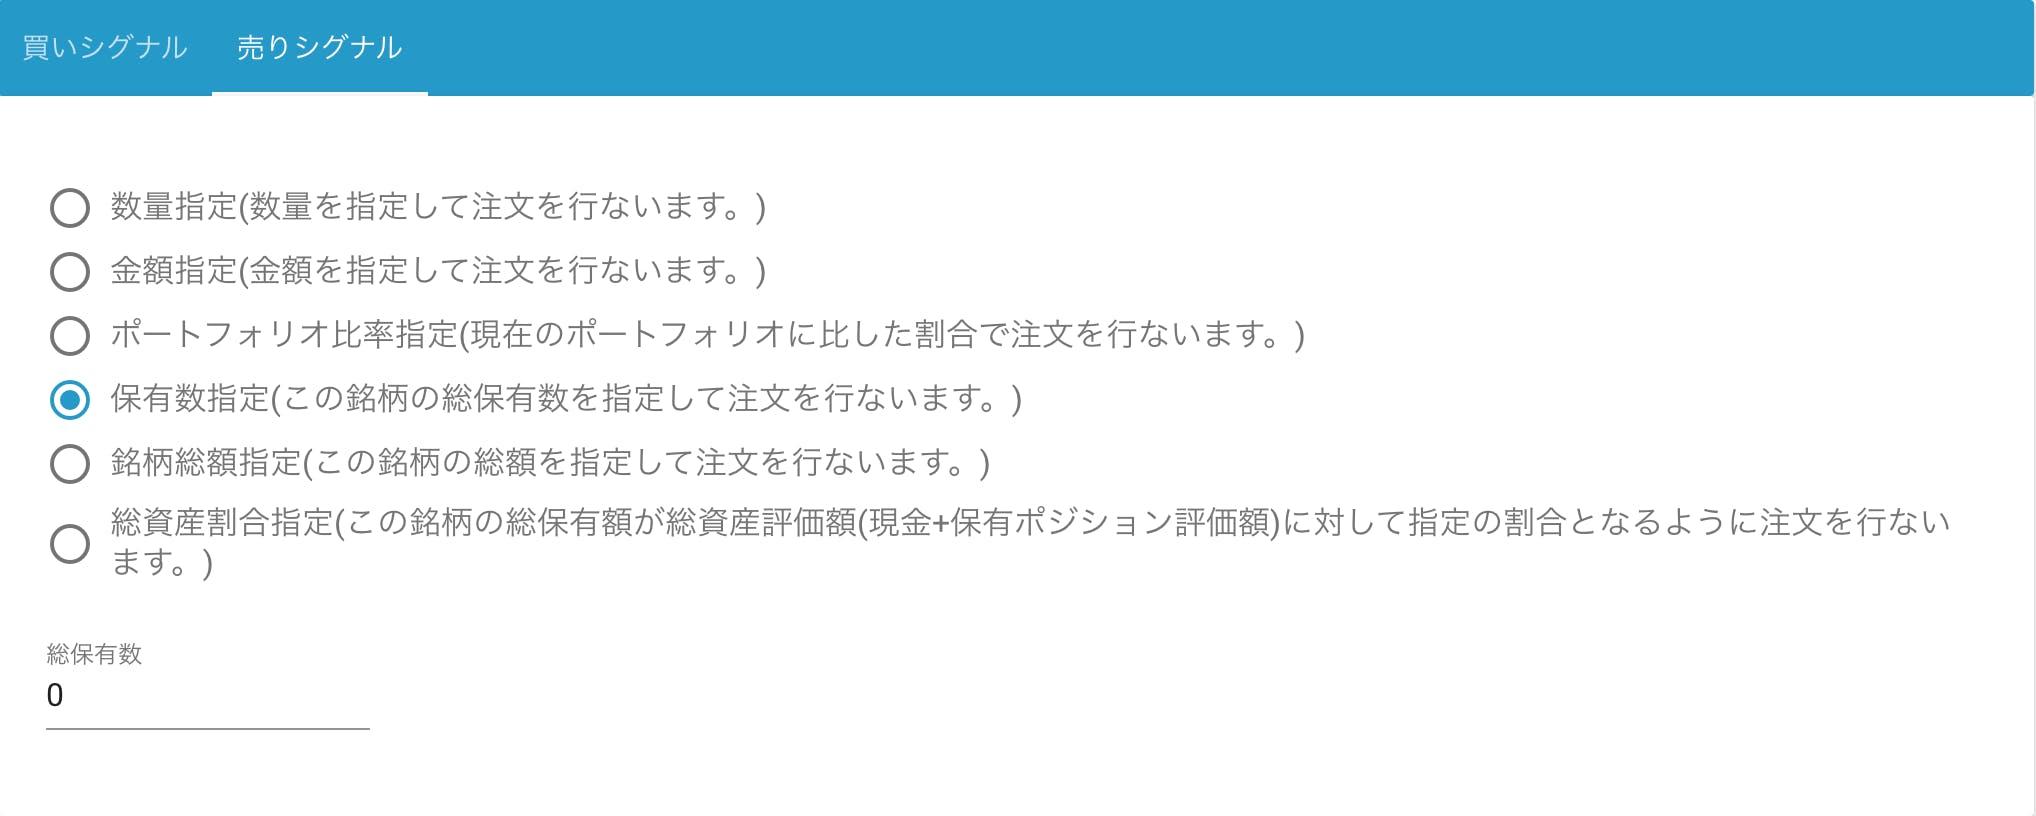 スクリーンショット 2019-09-18 21.12.59.png